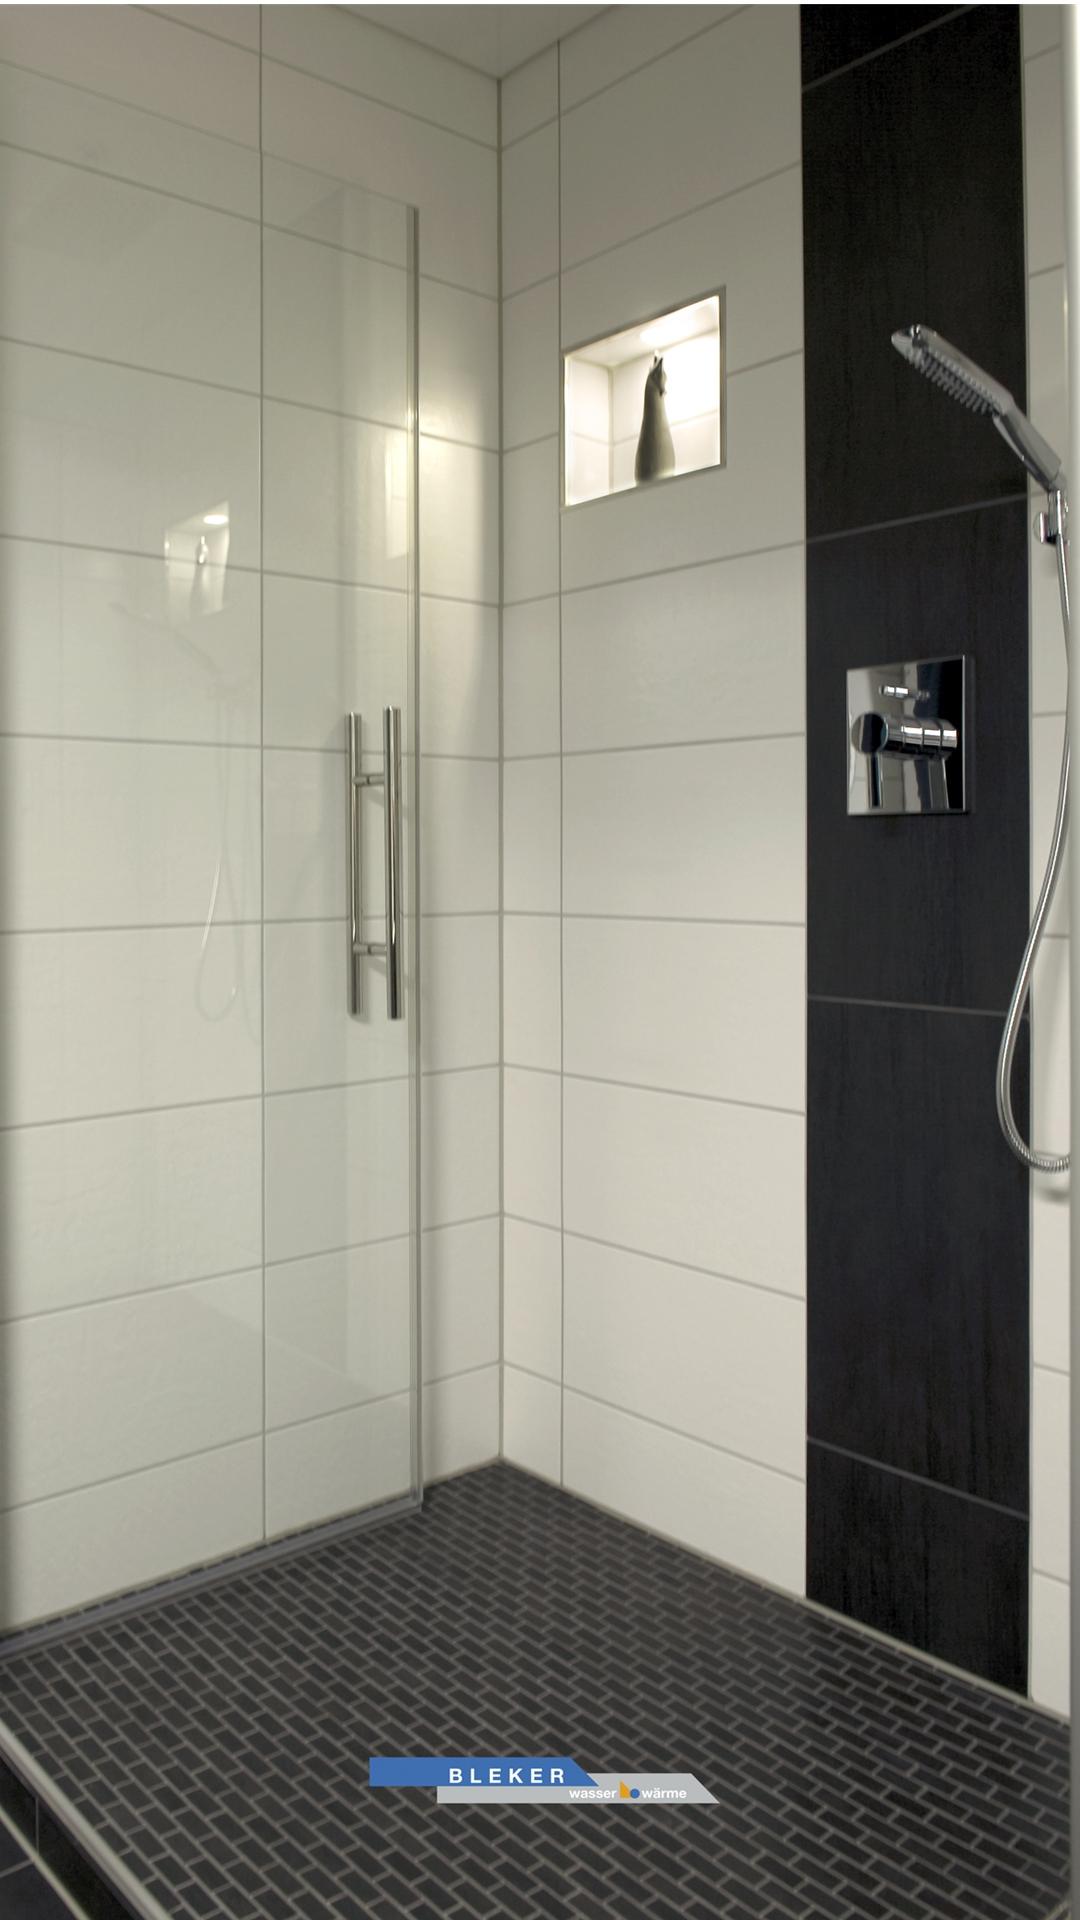 Große Dusche in schwarz weiß gefliest